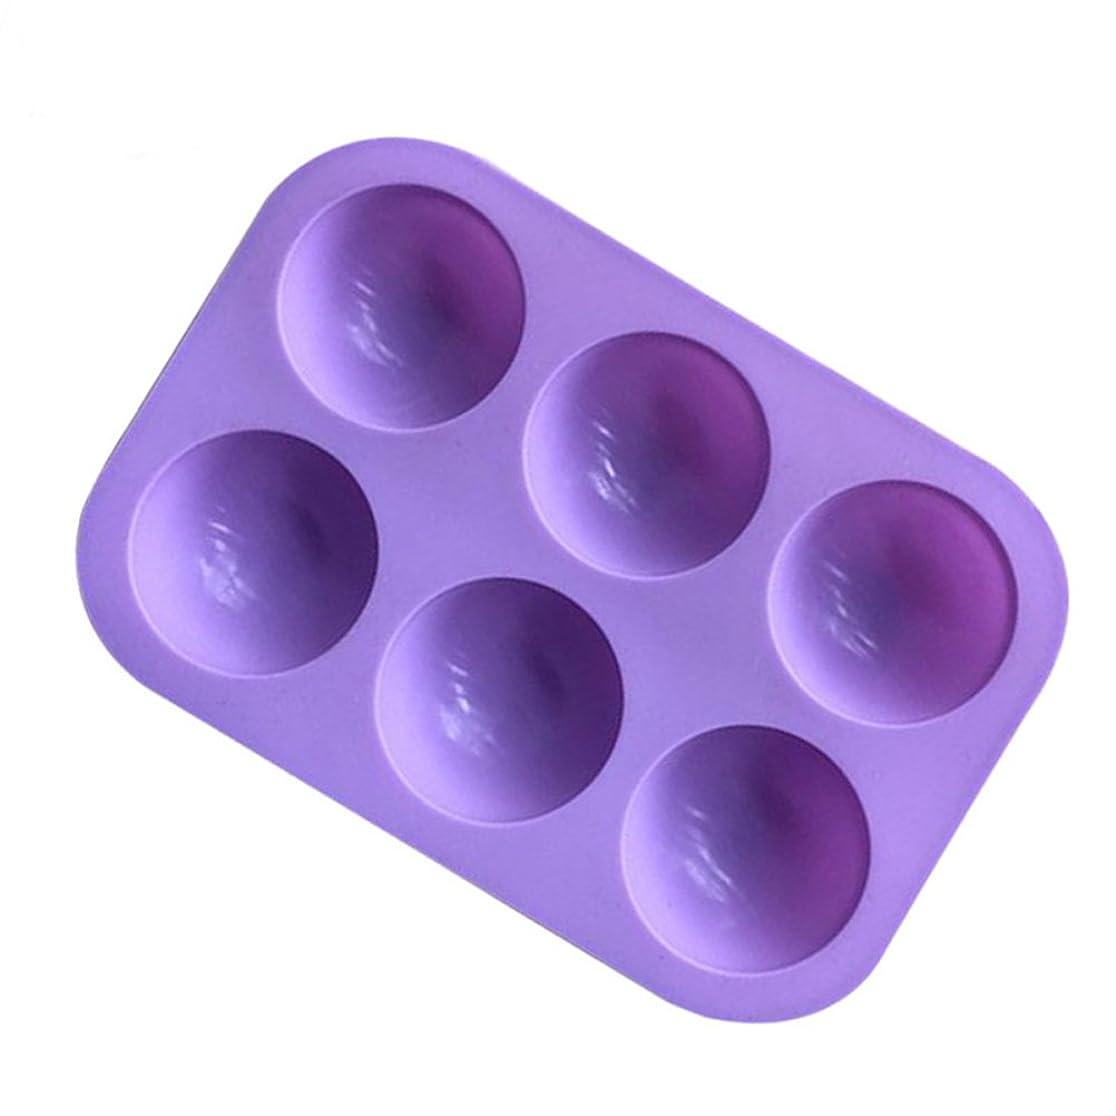 自伝特殊破滅BESTONZON シリコンソープモールド半円マフィンパンカップケーキキャンディモールドケーキチョコレートモールドベーキングモールド6個のキャビティ(紫色)